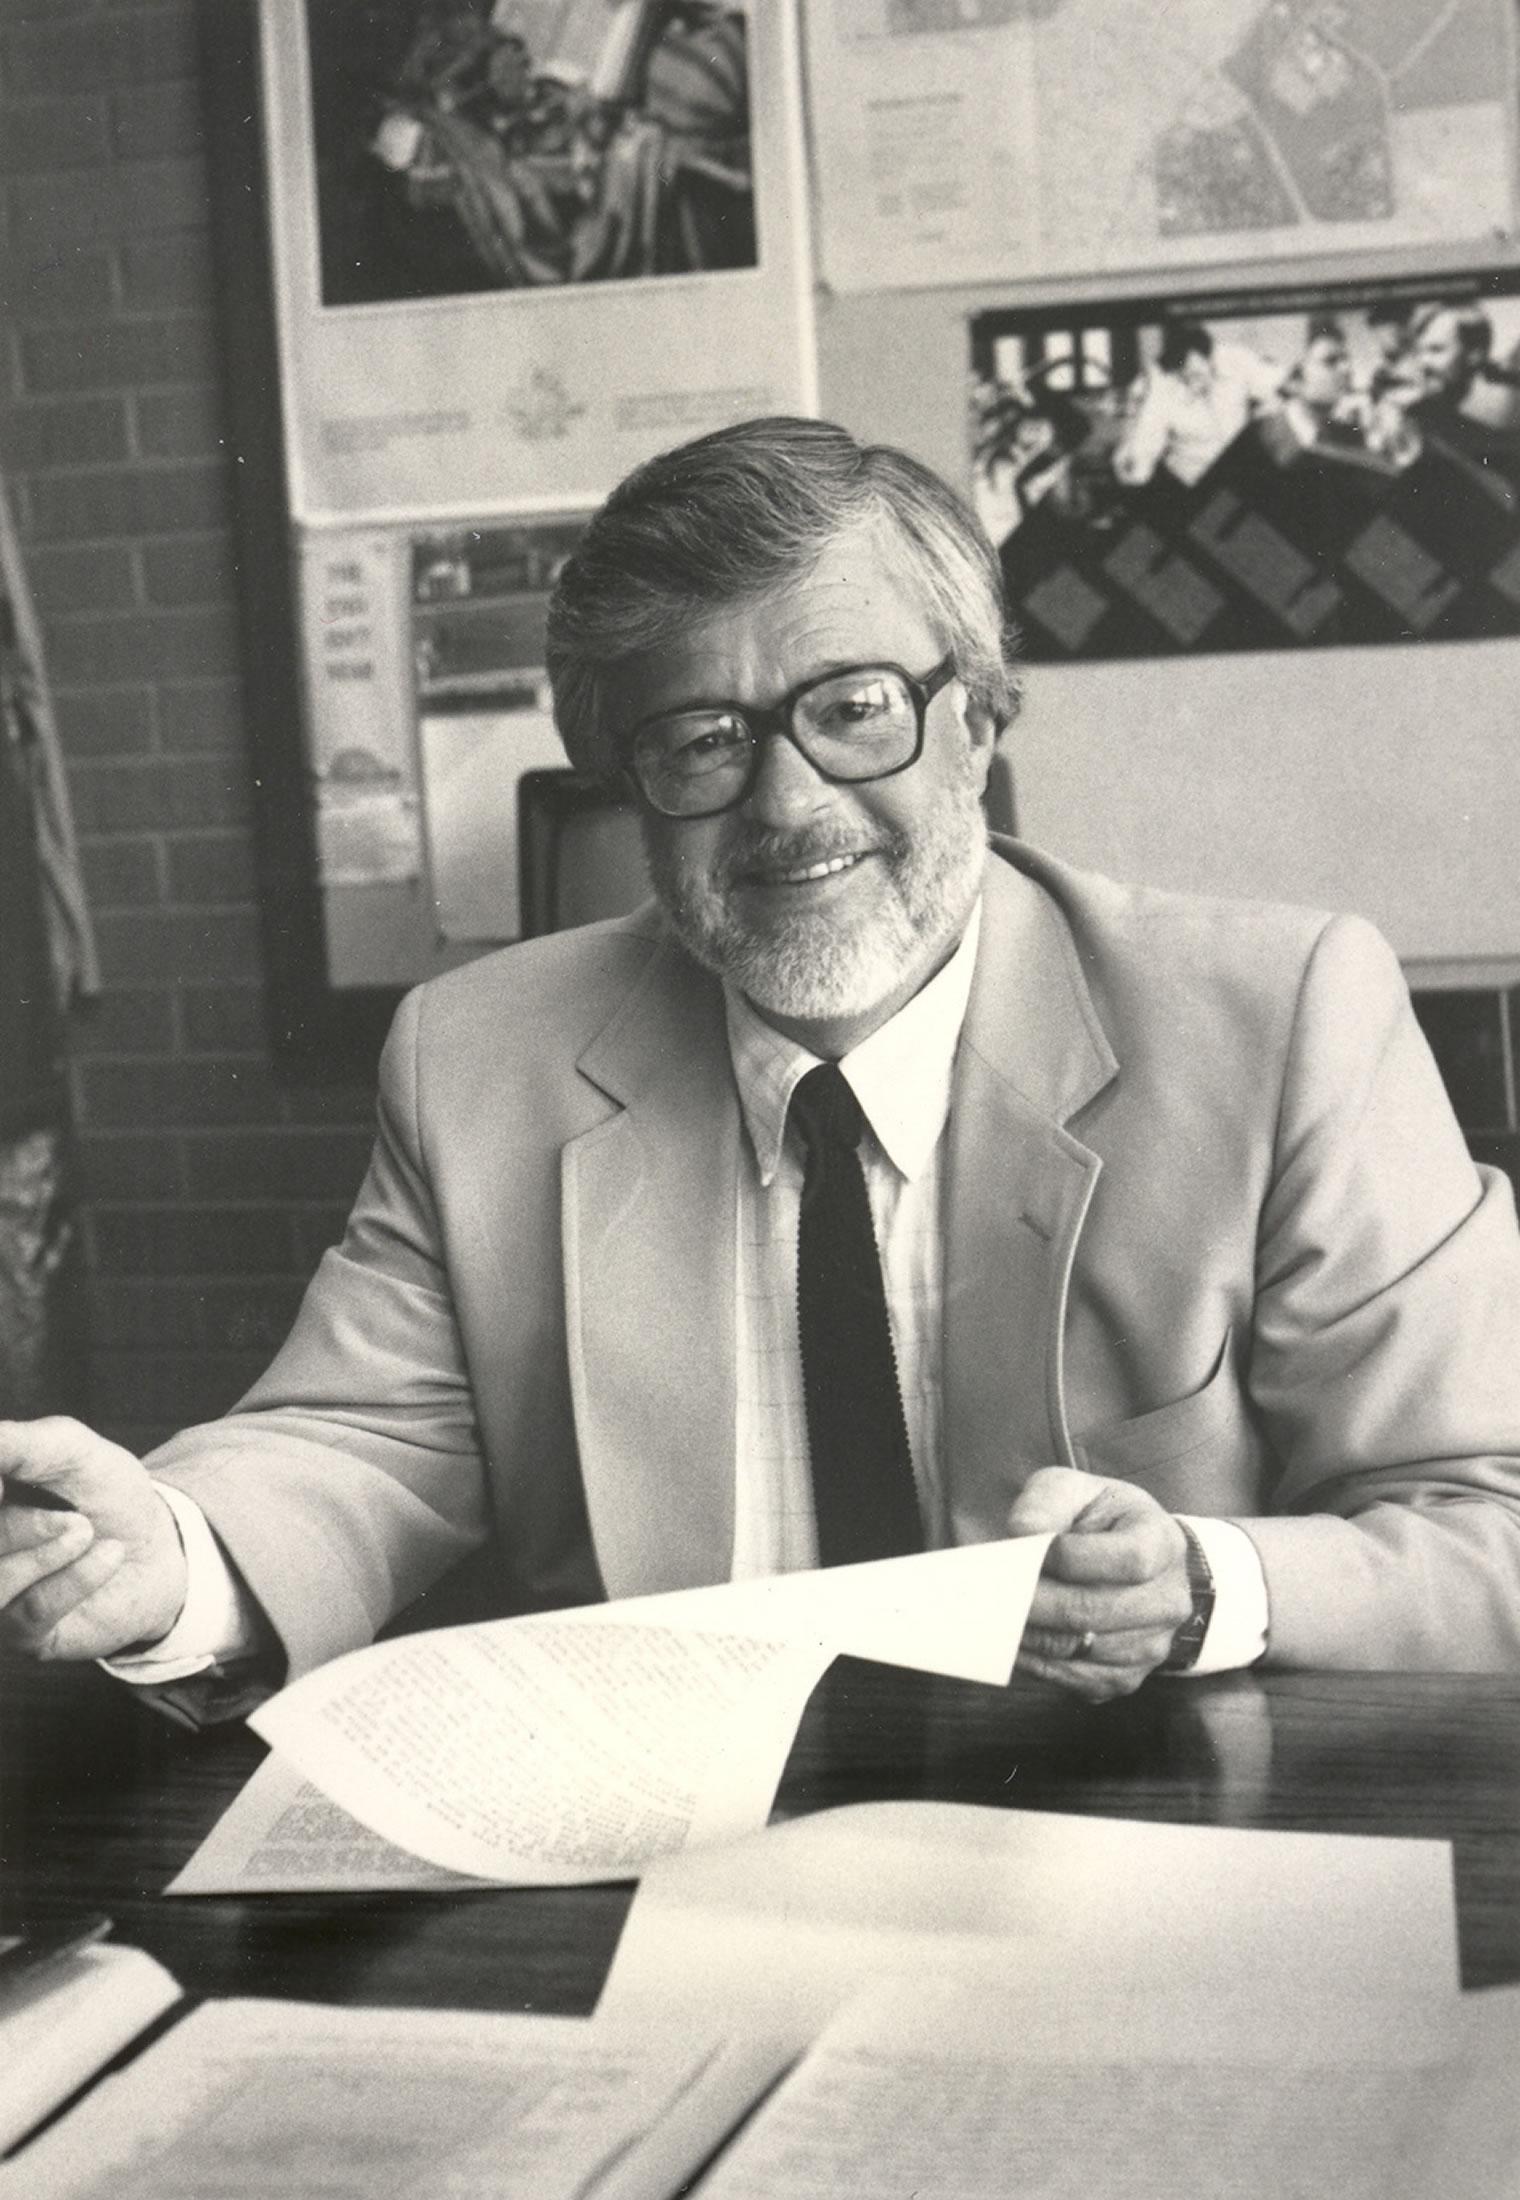 Robert Olpin